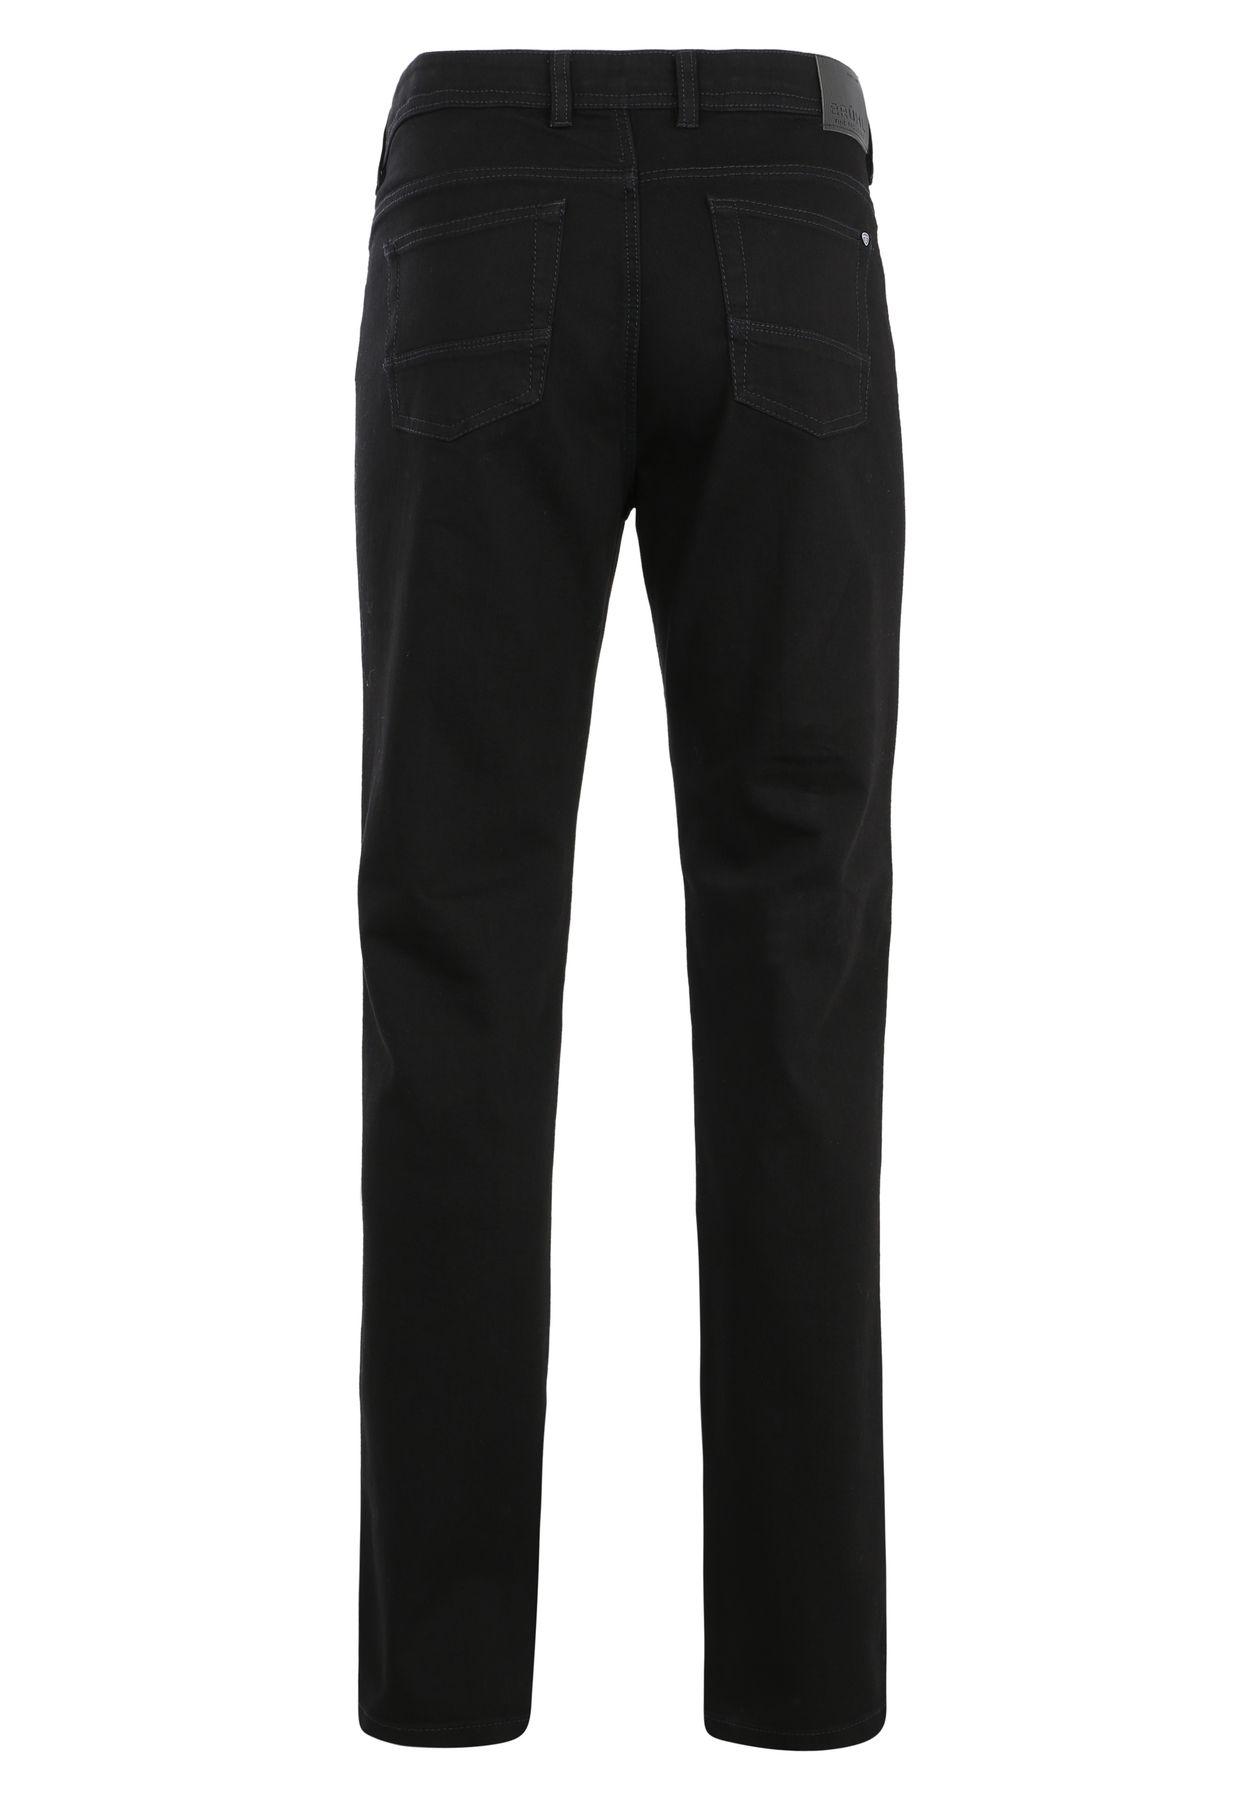 Brühl - Herren Five-Pocket Jeans in verschiedenen Farben, Genua 3 (0534003142100) – Bild 4